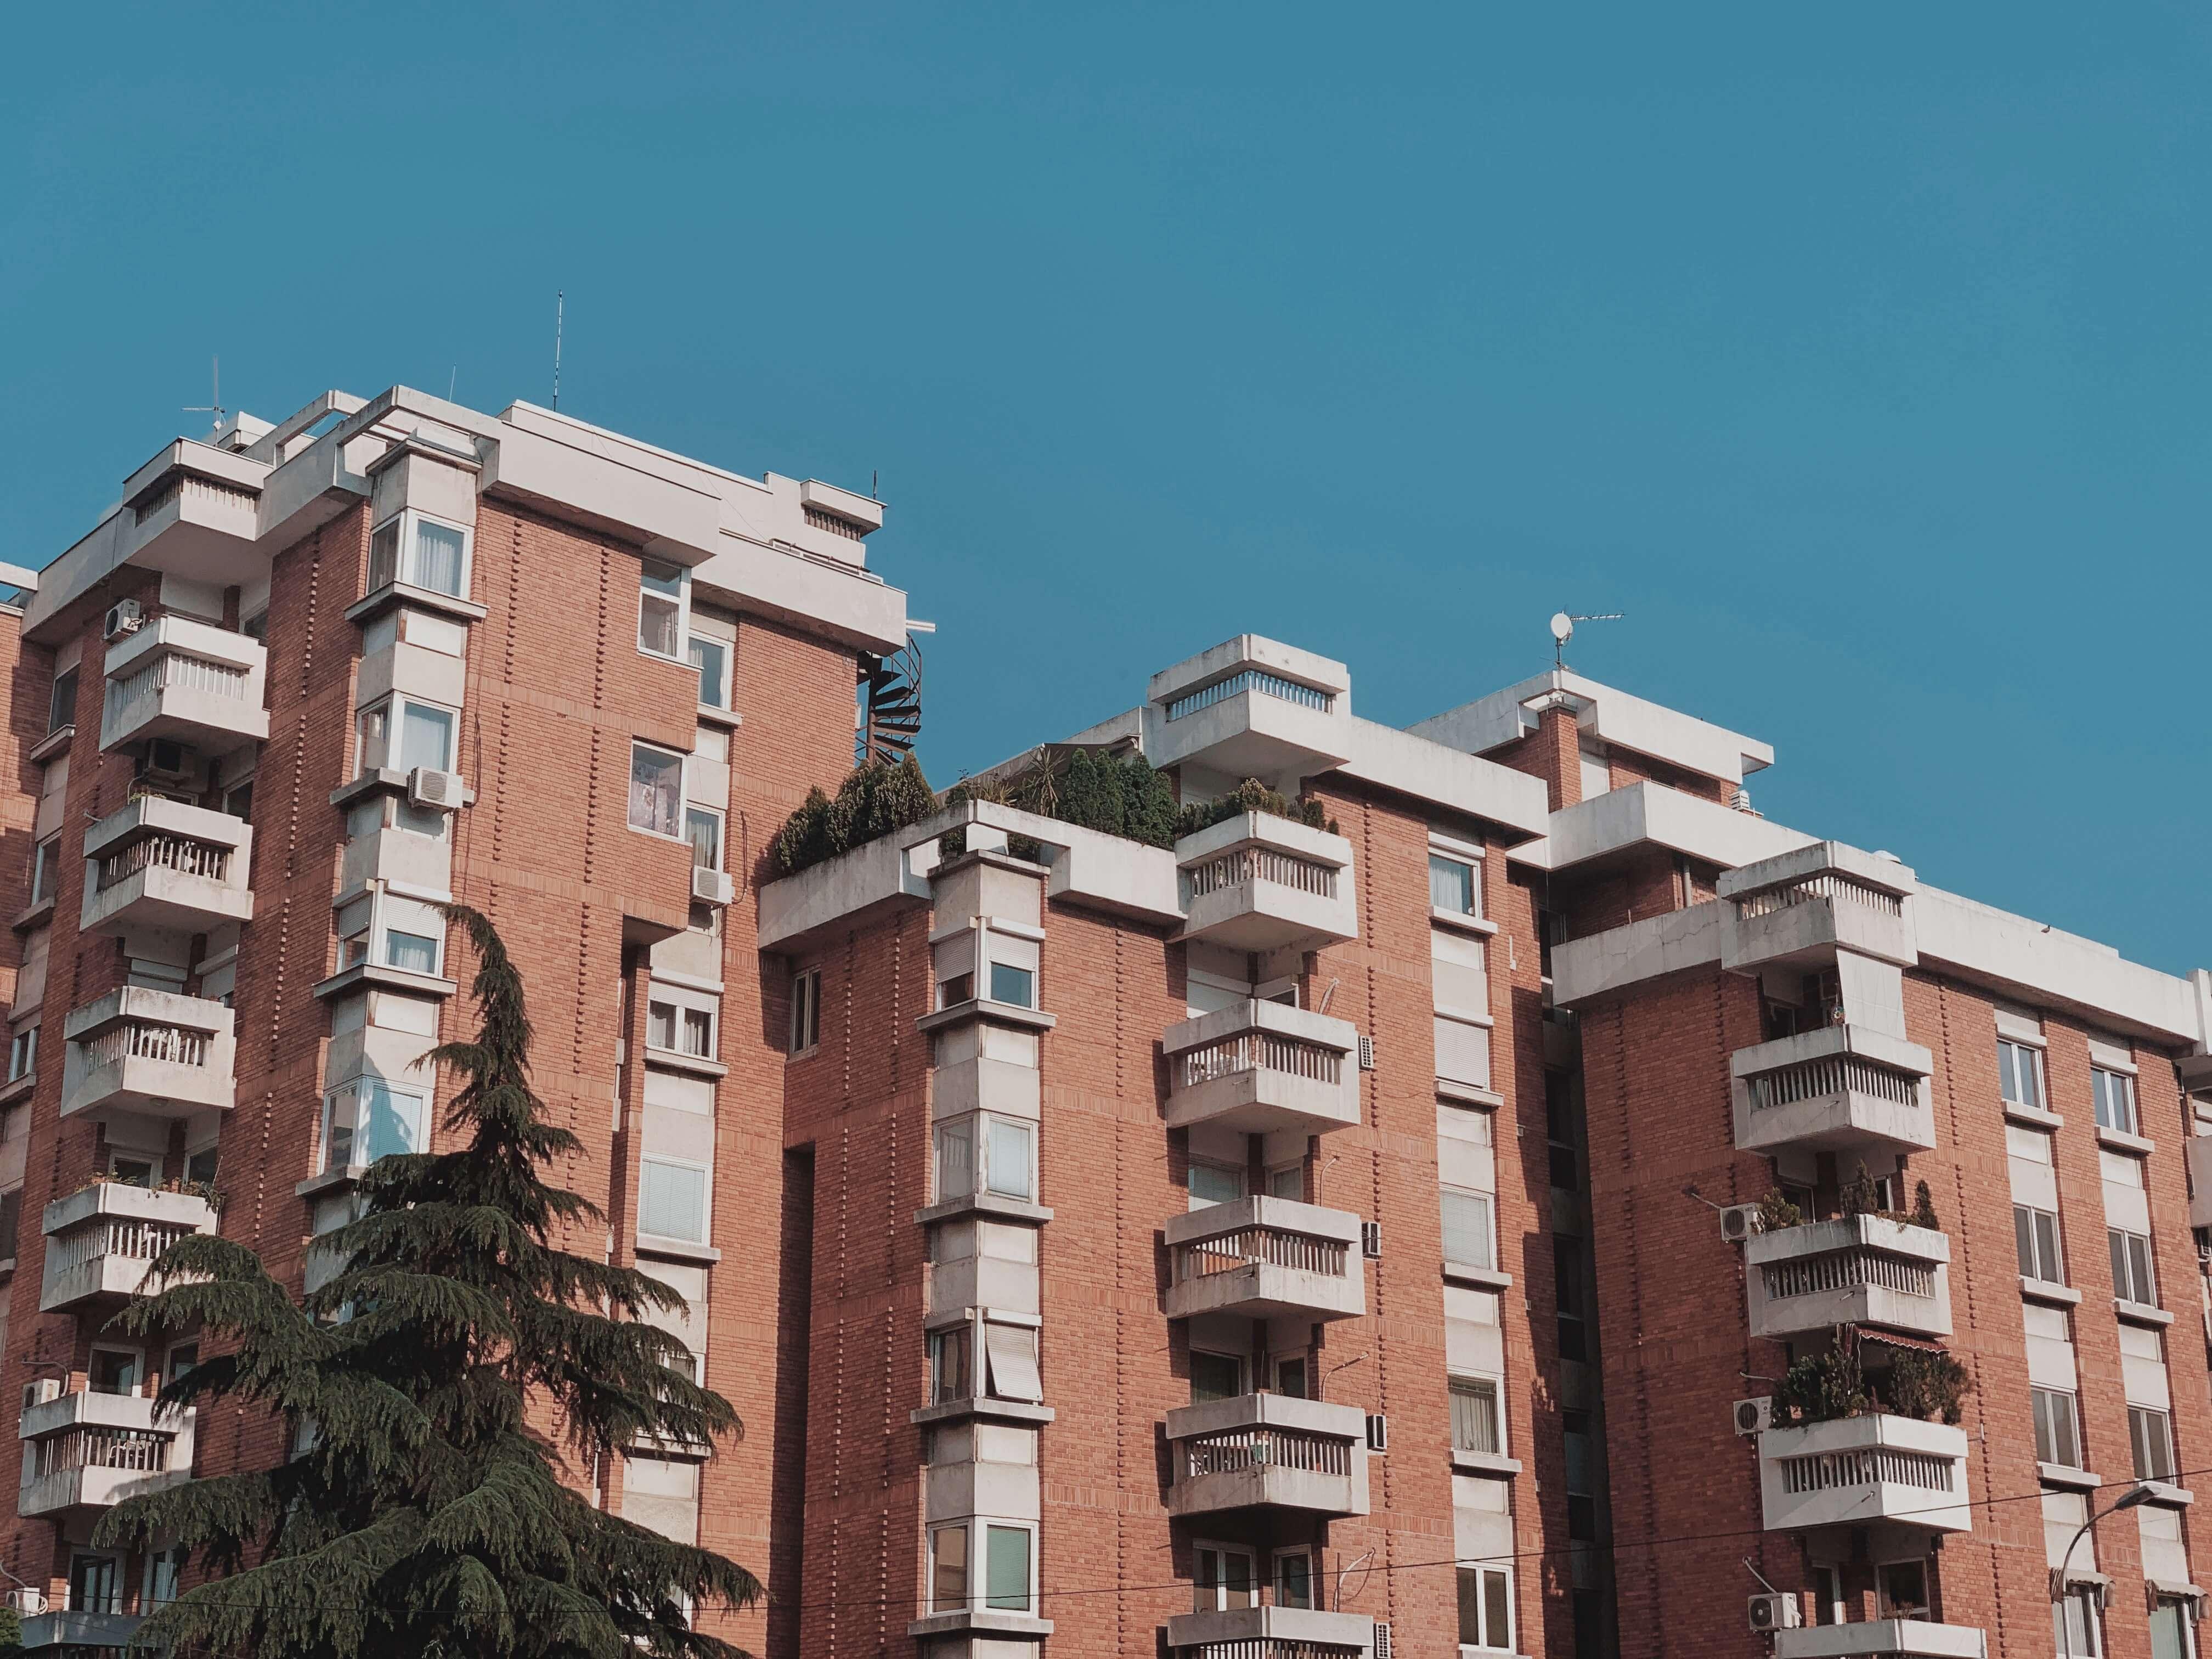 Uskoro počinje potraga za stanovima: Stariji studenti upozoravaju na što trebate pripaziti